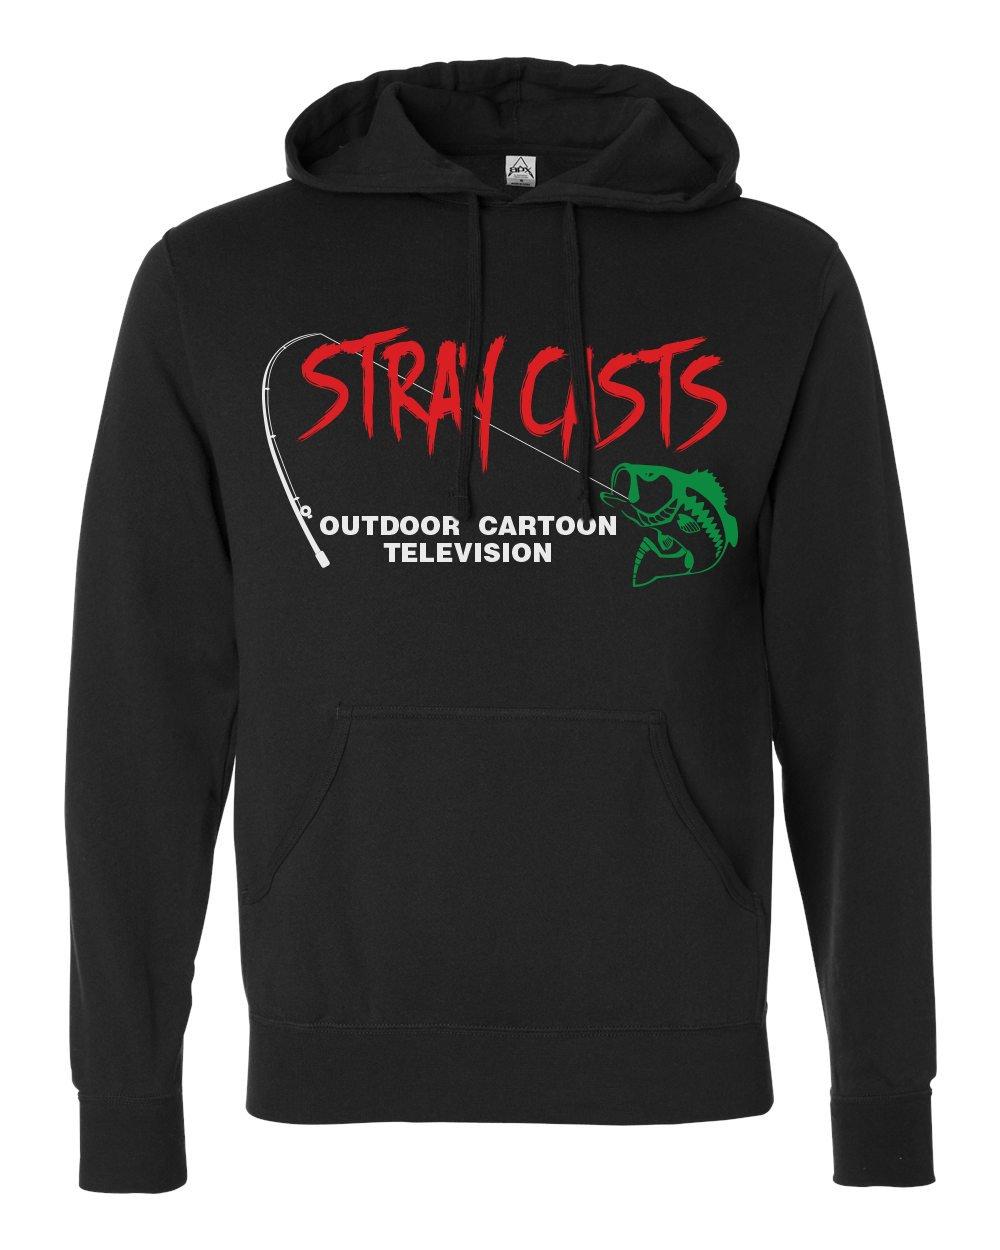 Image of StrayCasts Logo Hooded Sweatshirt